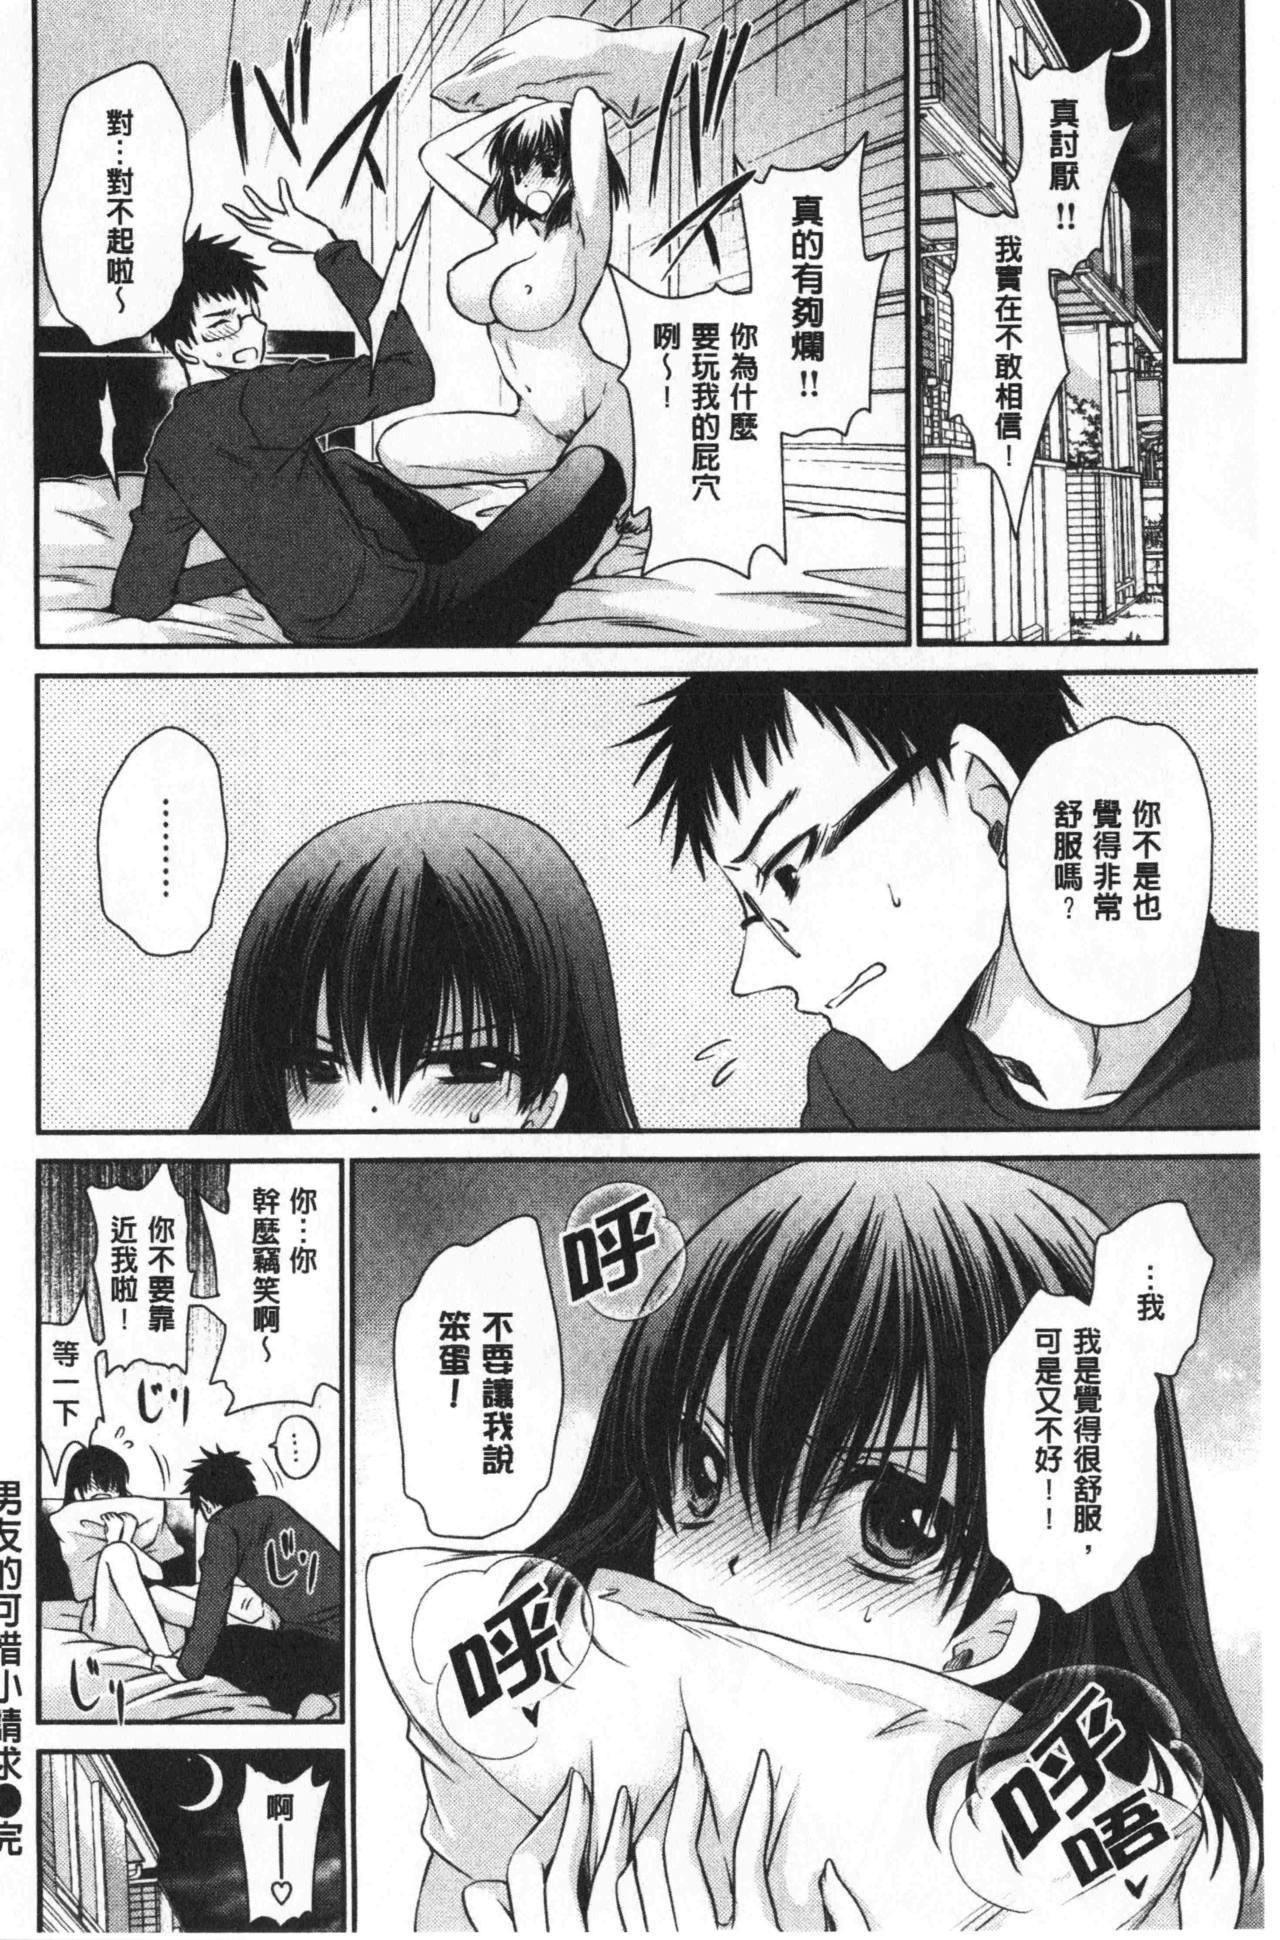 Doku Aru Hana no Amai Mitsu   毒淫花的甘甜蜜 125